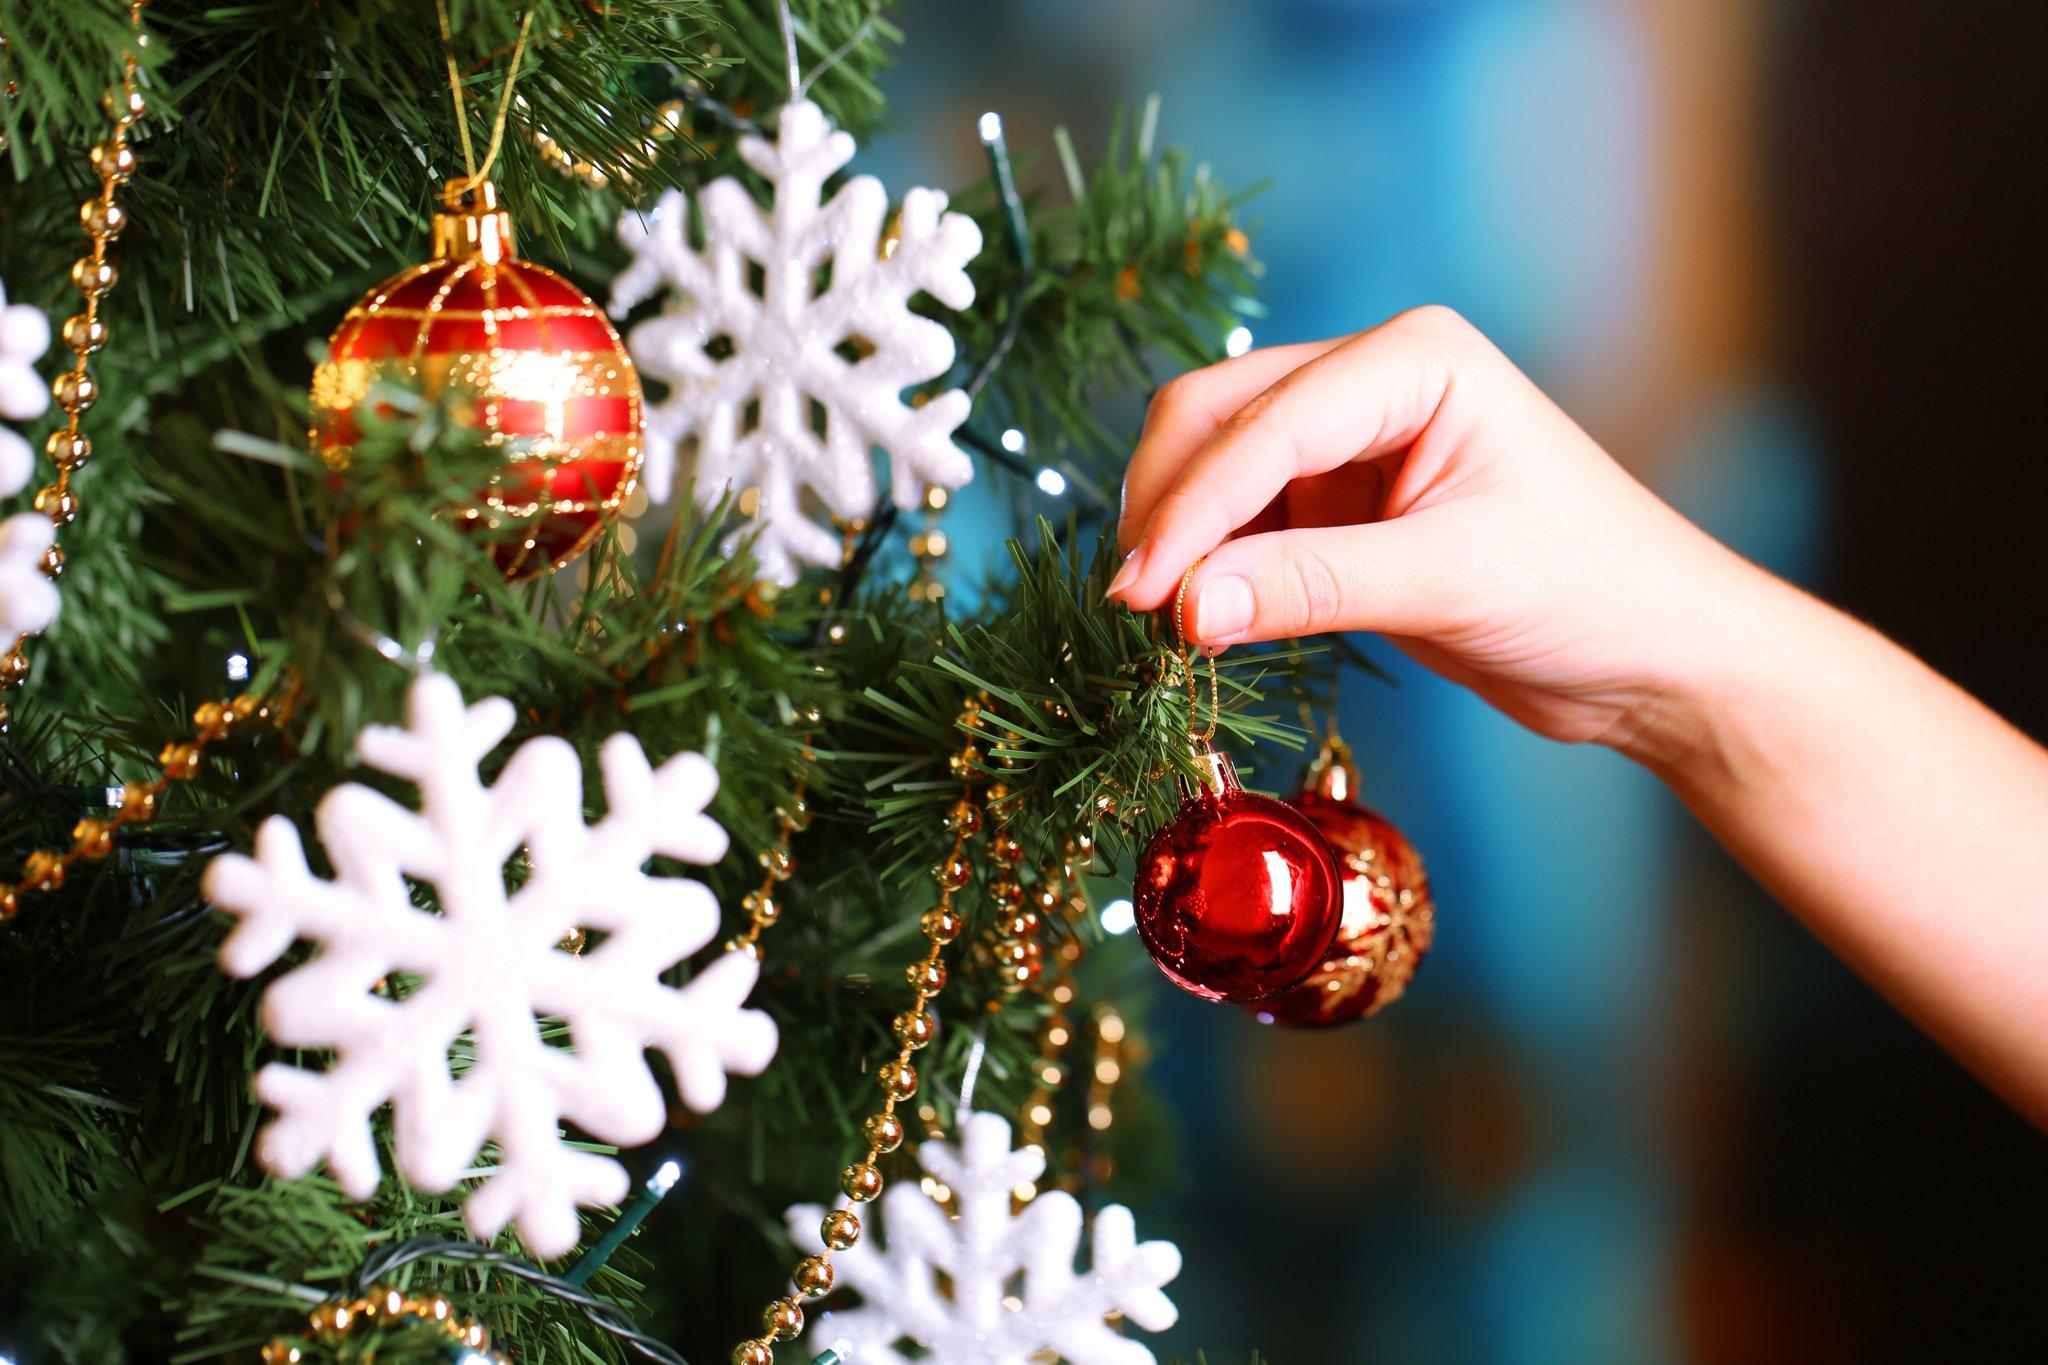 insurance, horst insurance, holiday decorating, decorating, holiday safety